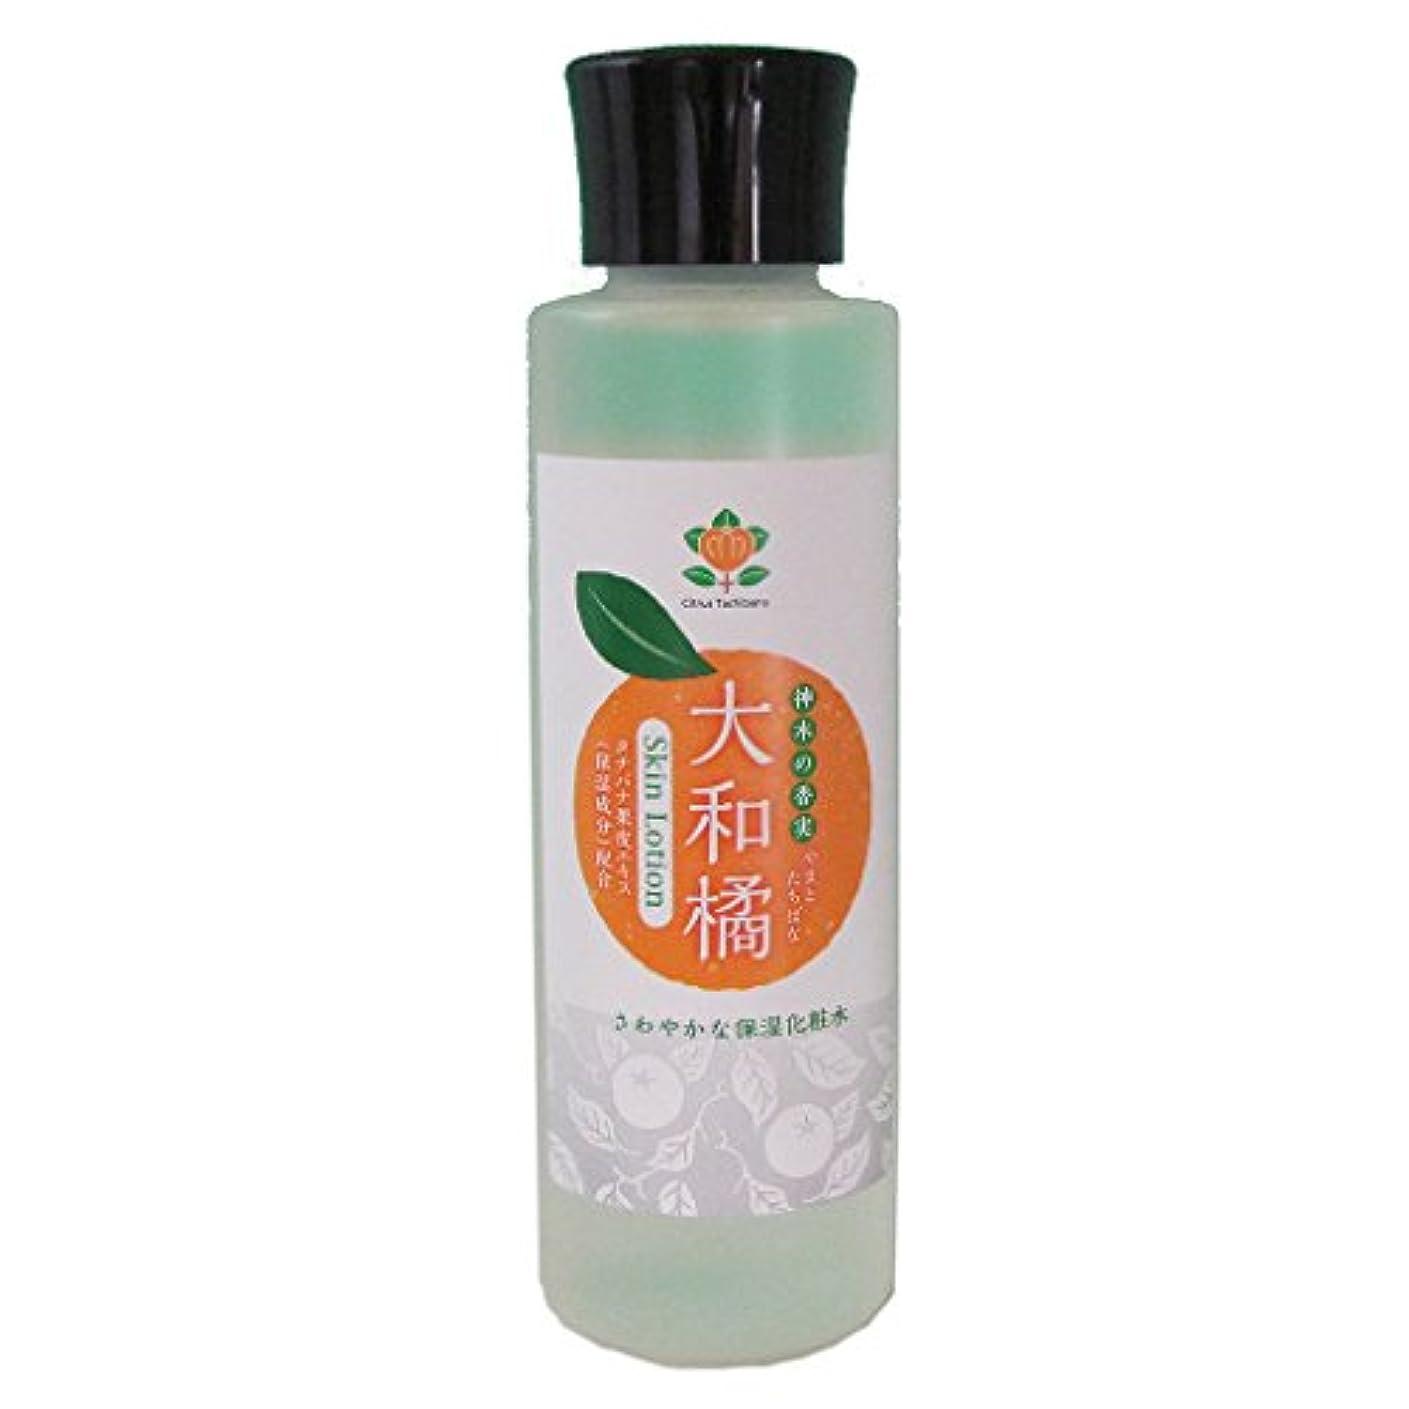 ロードされた光沢同情的神木の果実 大和橘さわやか保湿化粧水 150ml